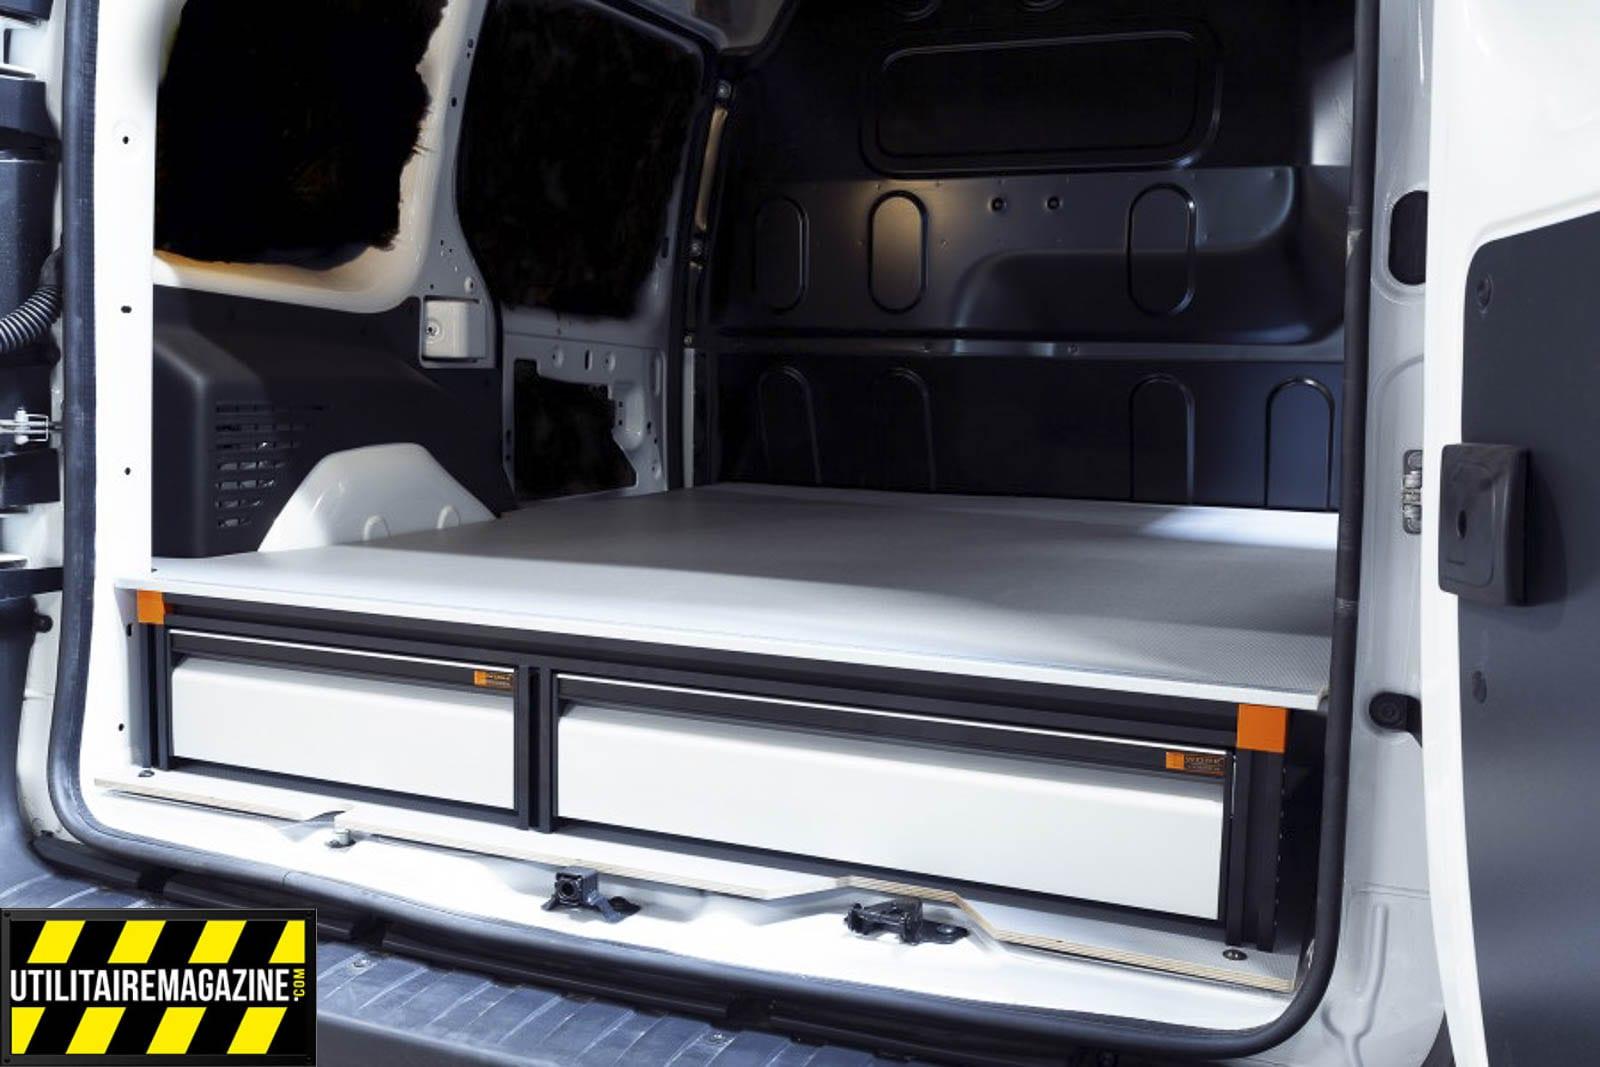 amenagement utilitaire work system, le double plancher qui intègre des tiroirs